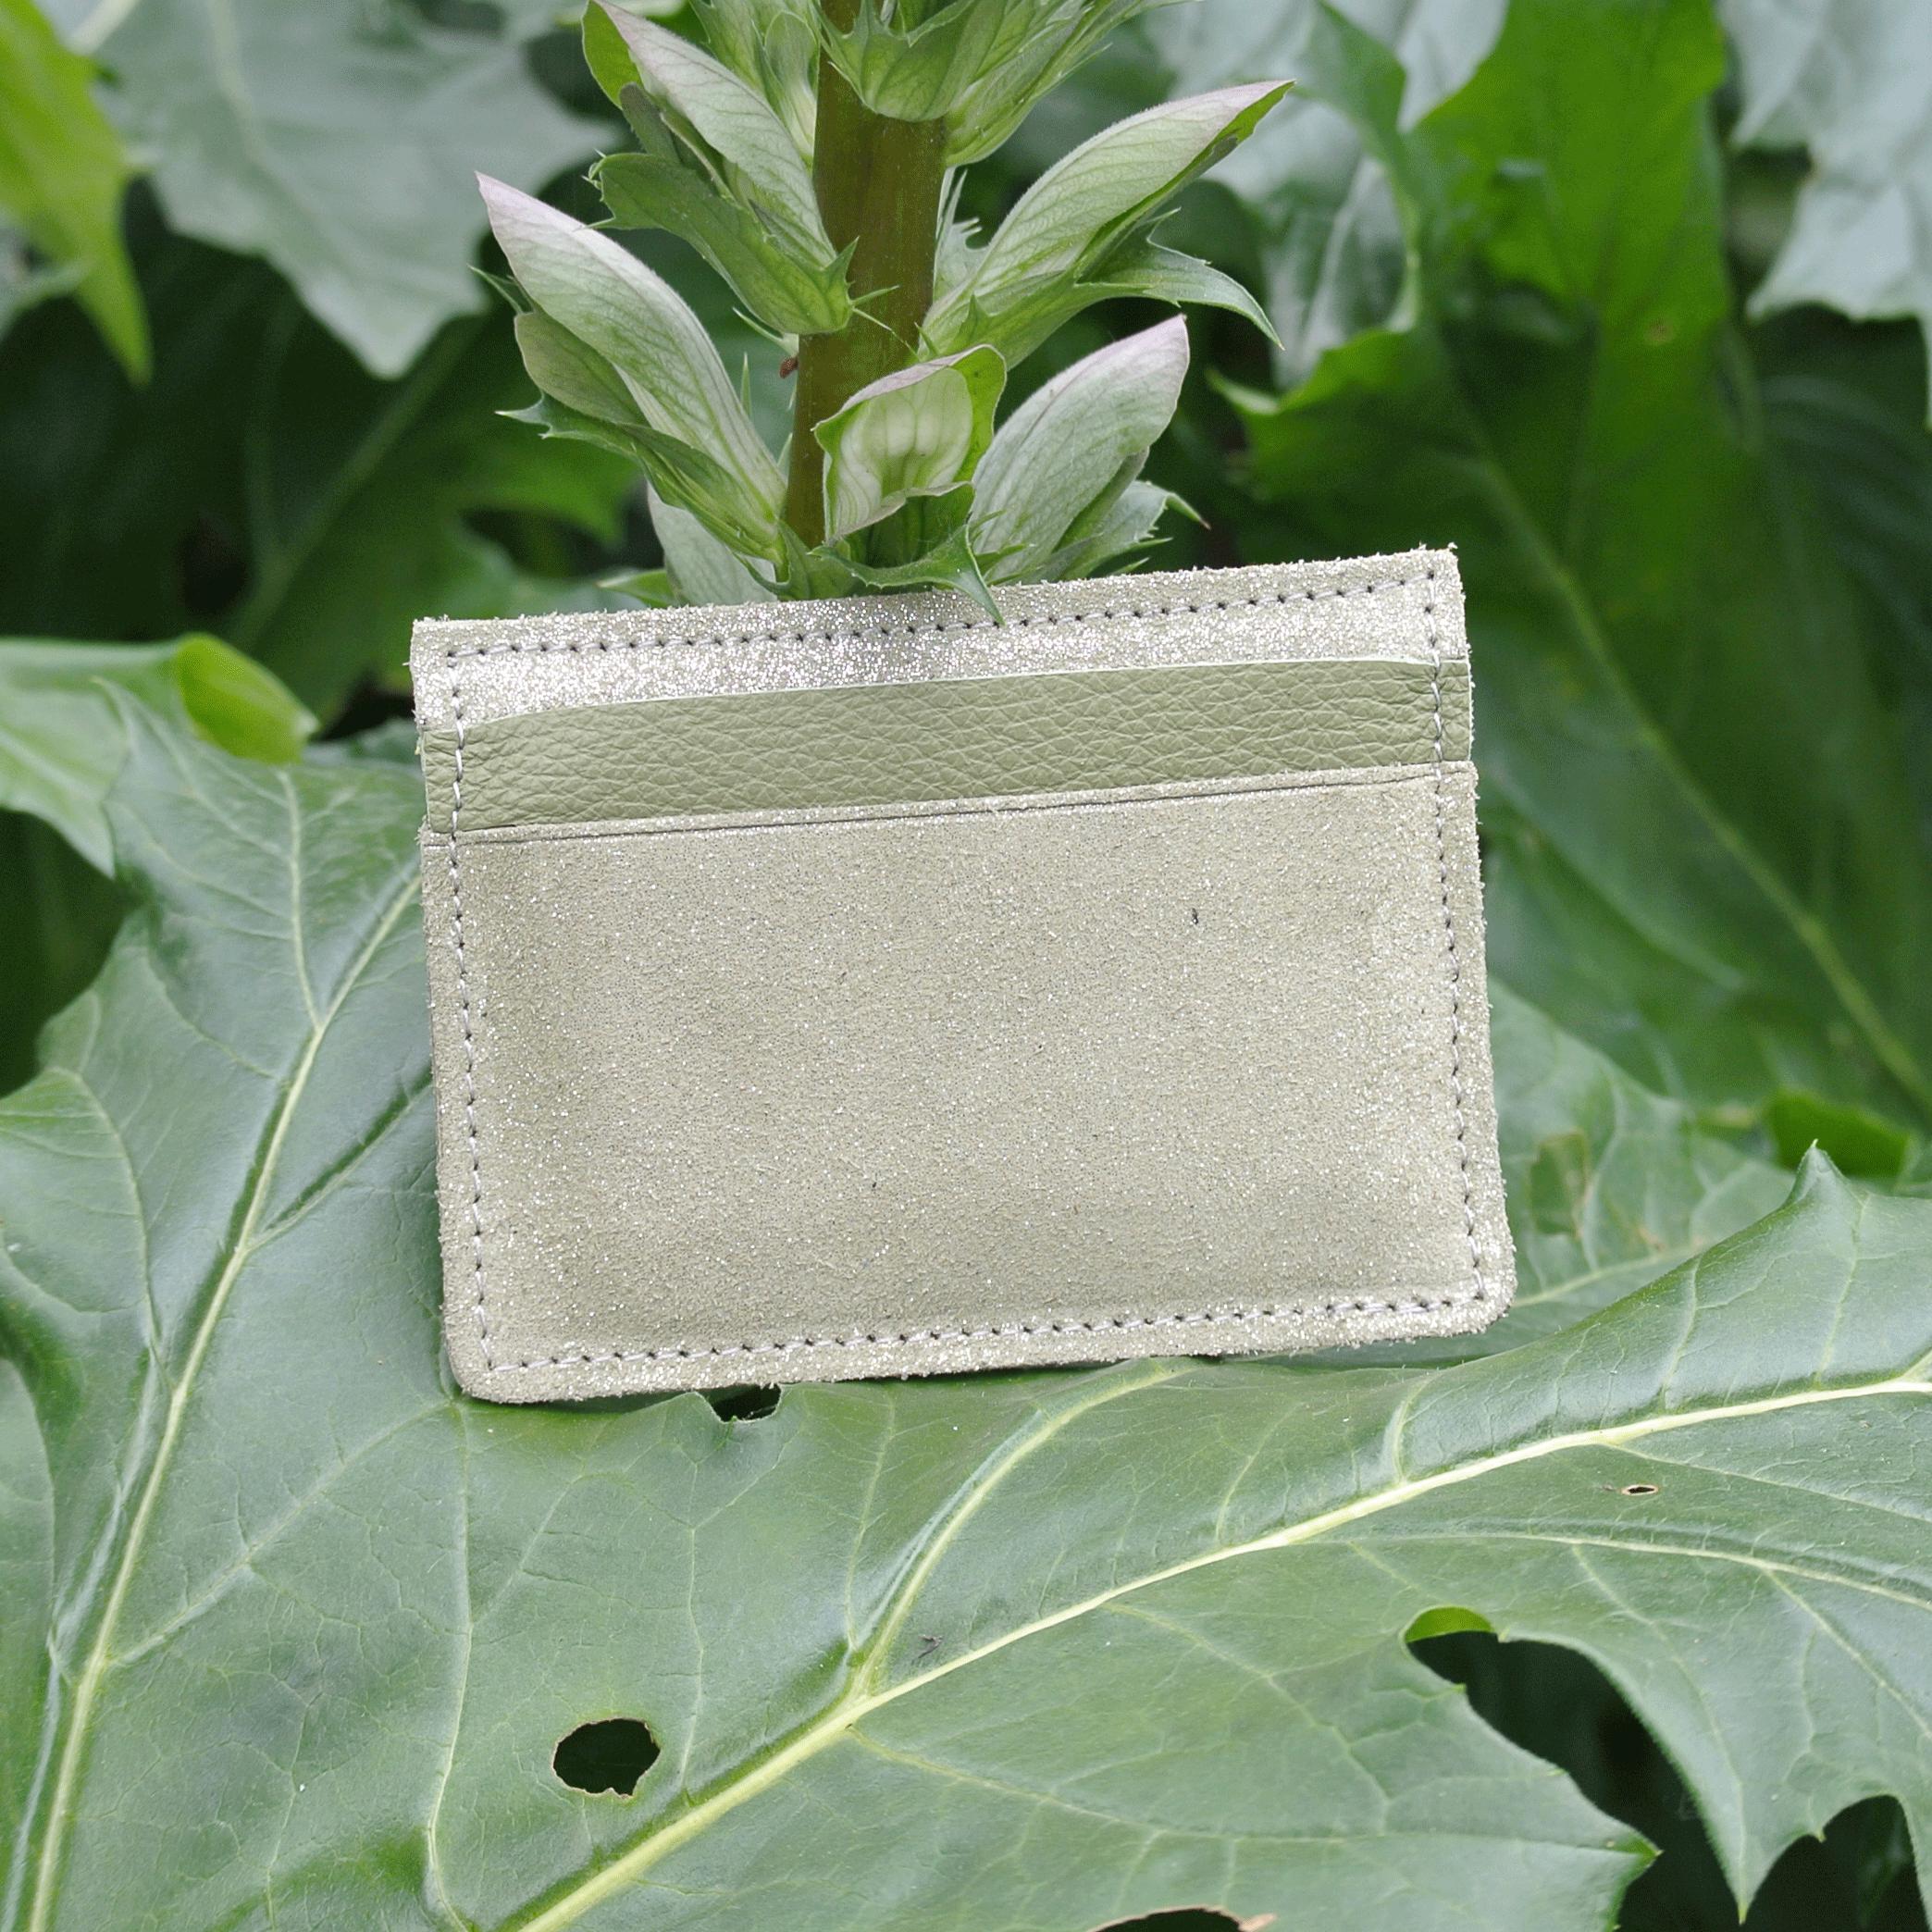 cuirs-pailletés-cuirs-fantaisies-fabriqué-en-france-la-cartabliere-etui-carte-triple-cuir-paillete-vert-olive